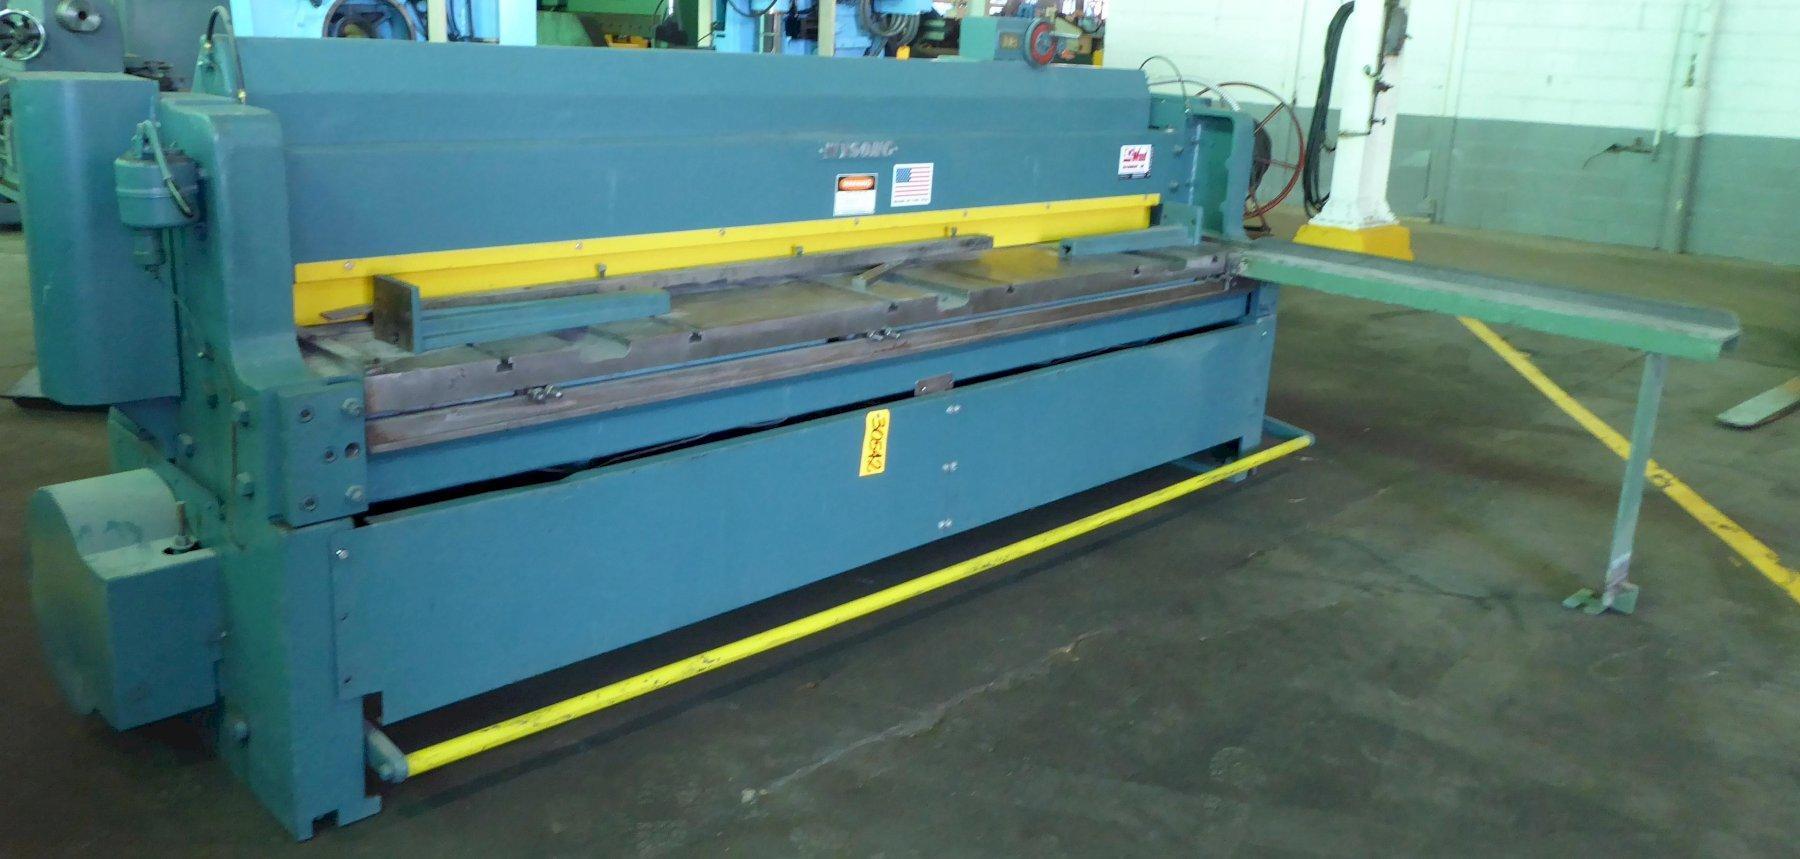 """10' x 10 Ga. Wysong Power Squaring Shear No. 1010-RD, 24"""" FOMBG, 7-1/2 HP, Clean, Clean"""